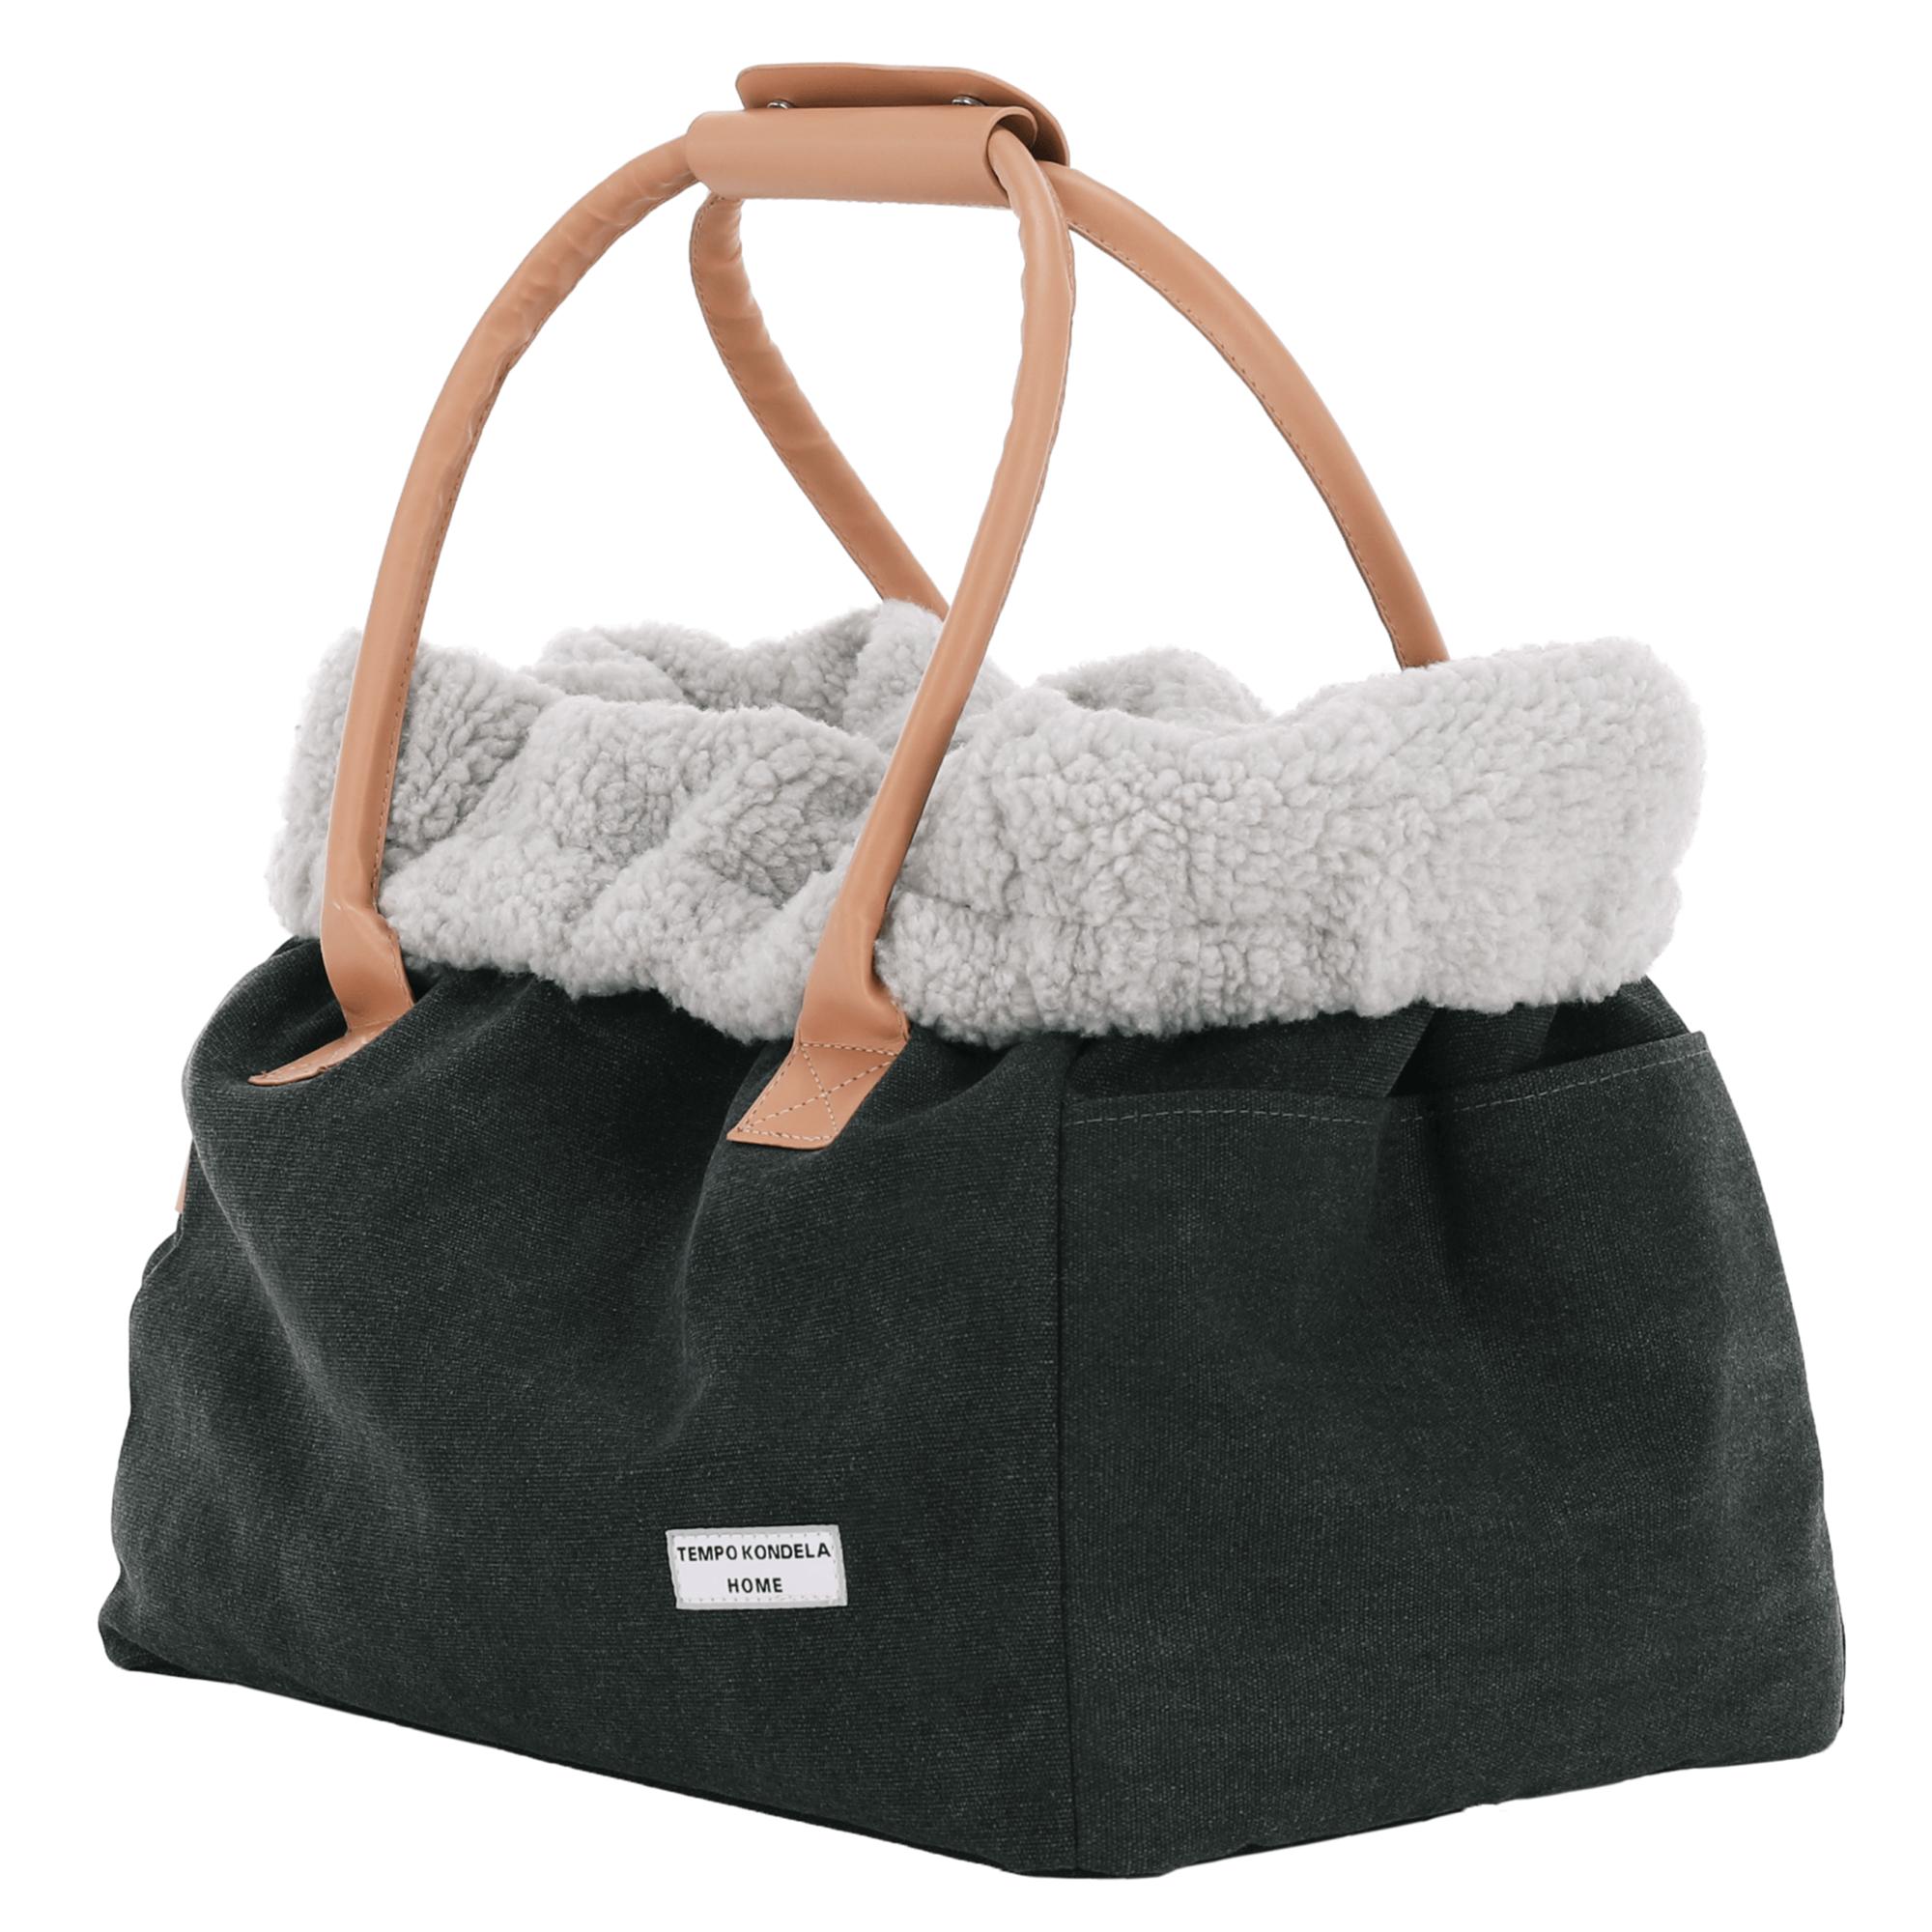 Kutyahordozó táska, nagy, szürke/bézs, 46x27x33cm, MANIK TYP4